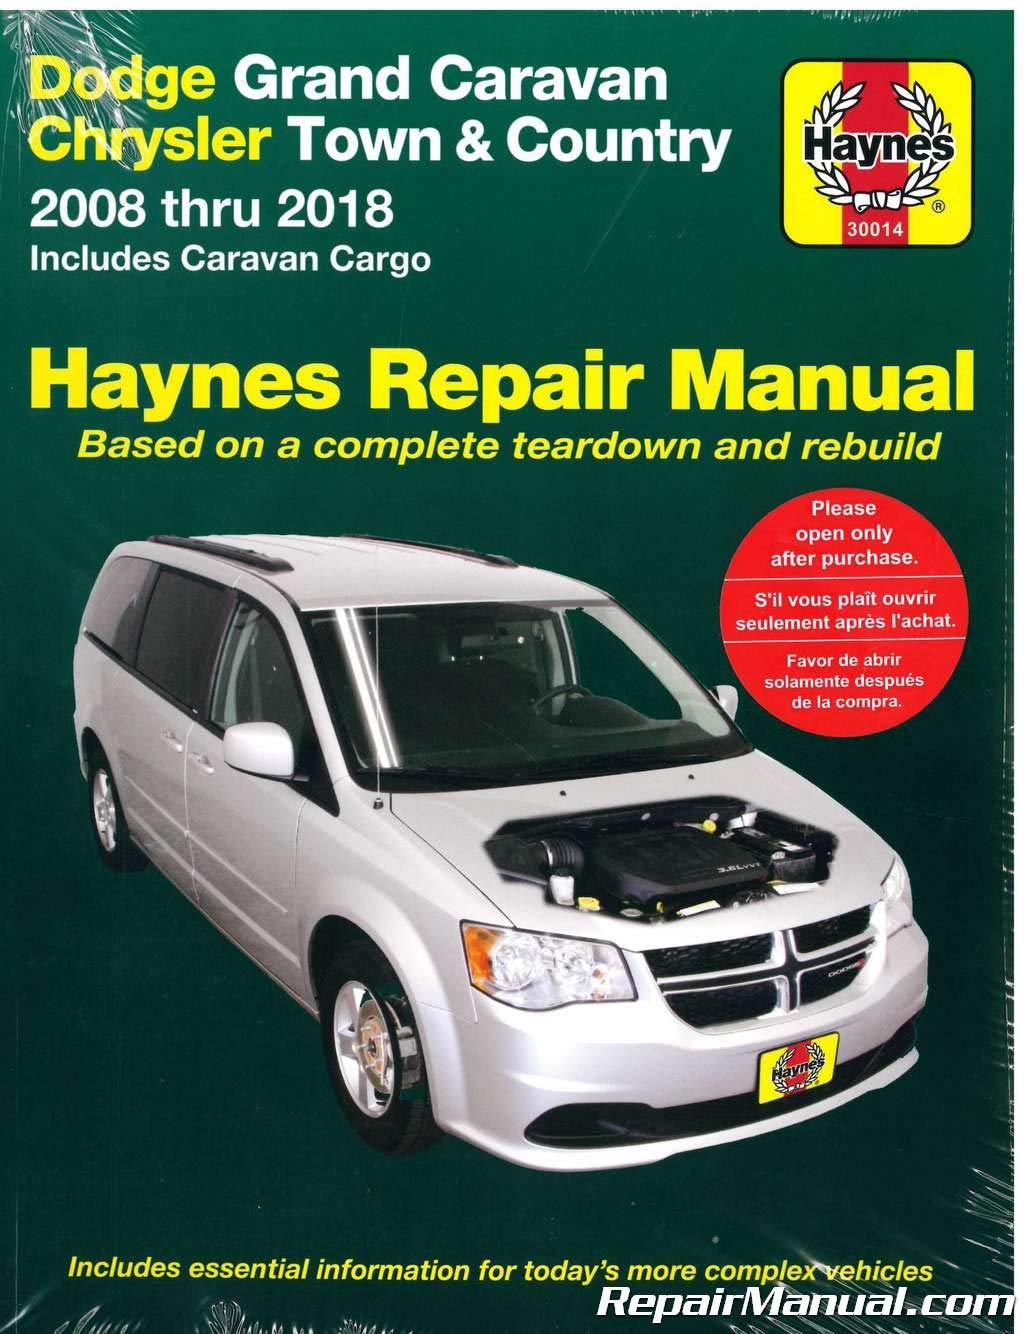 Dodge grand caravan repair manual 1990-2011.